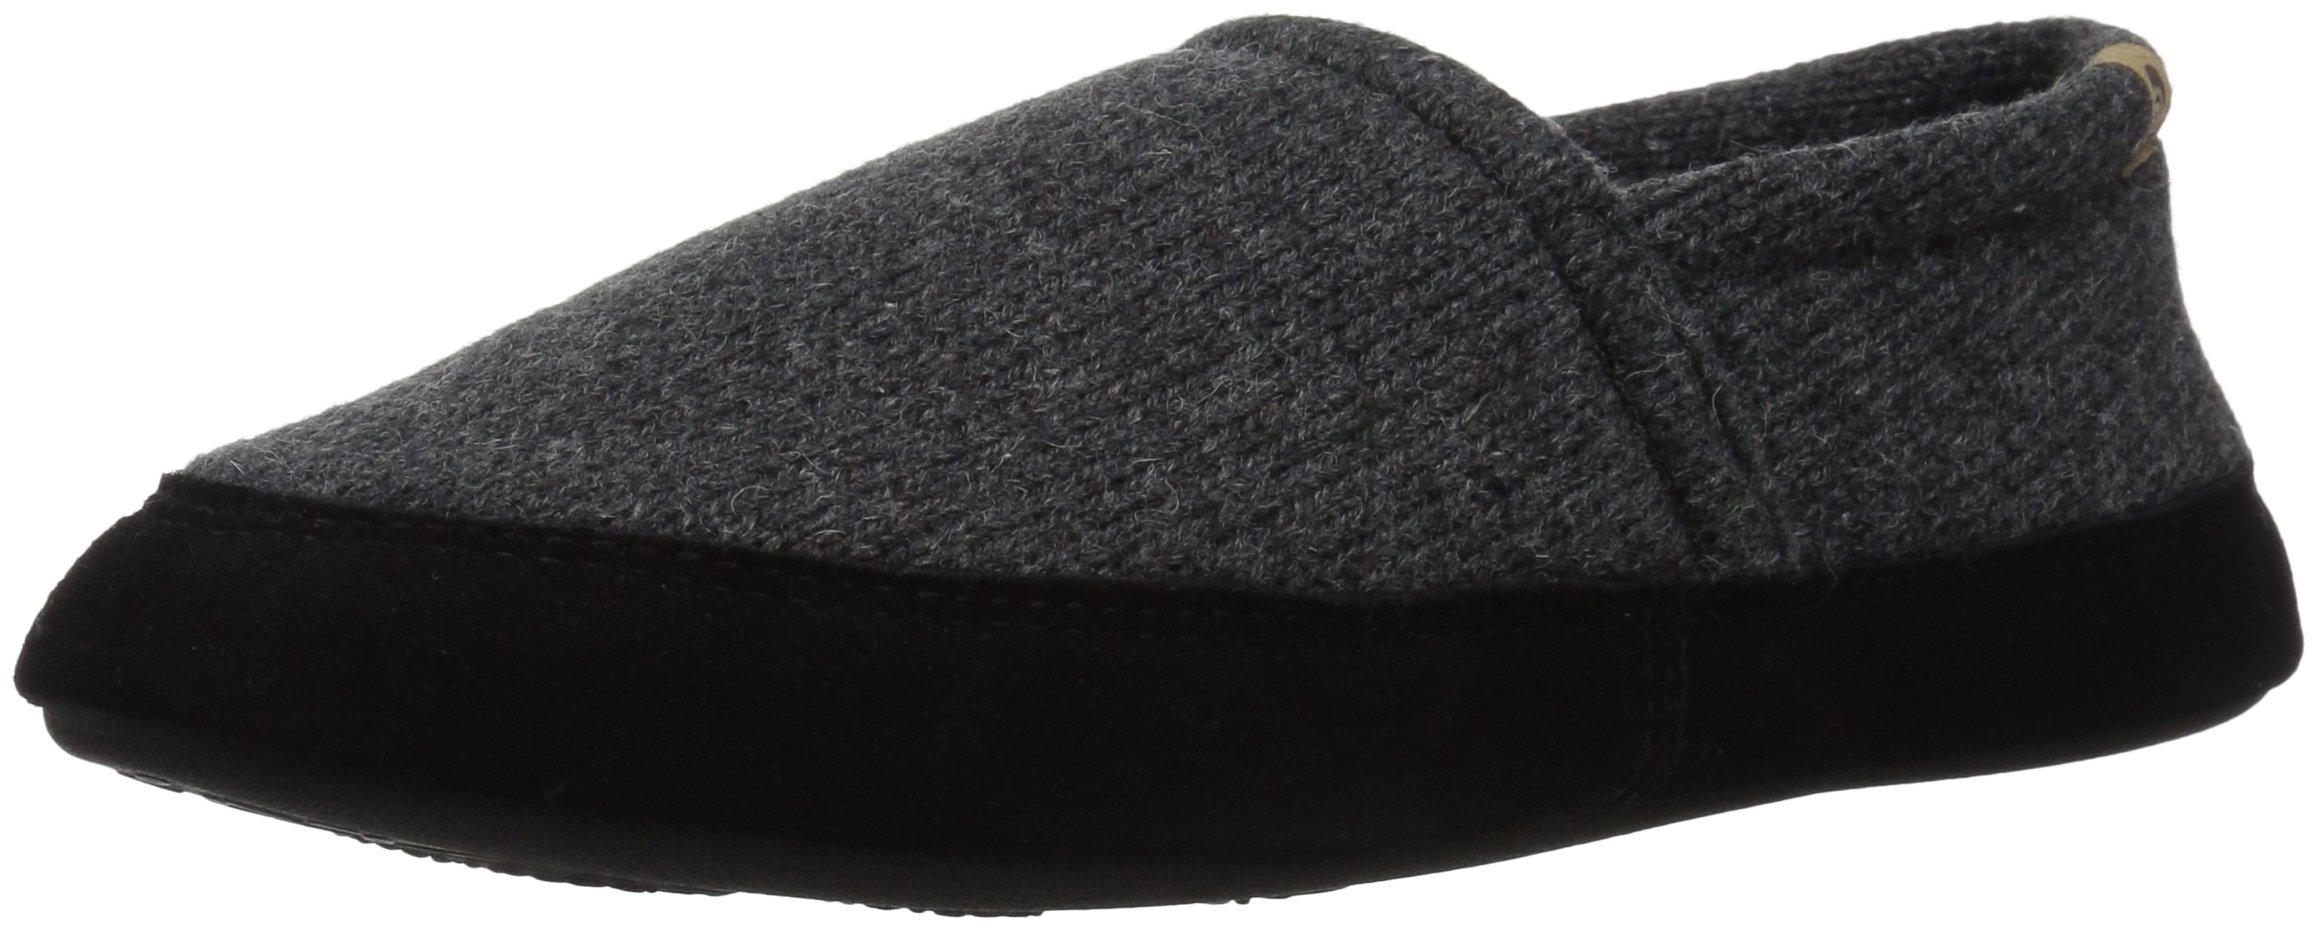 Acorn Men's Moc Slipper Moccasin, Dark Charcoal, Medium/9-10 D(M) US